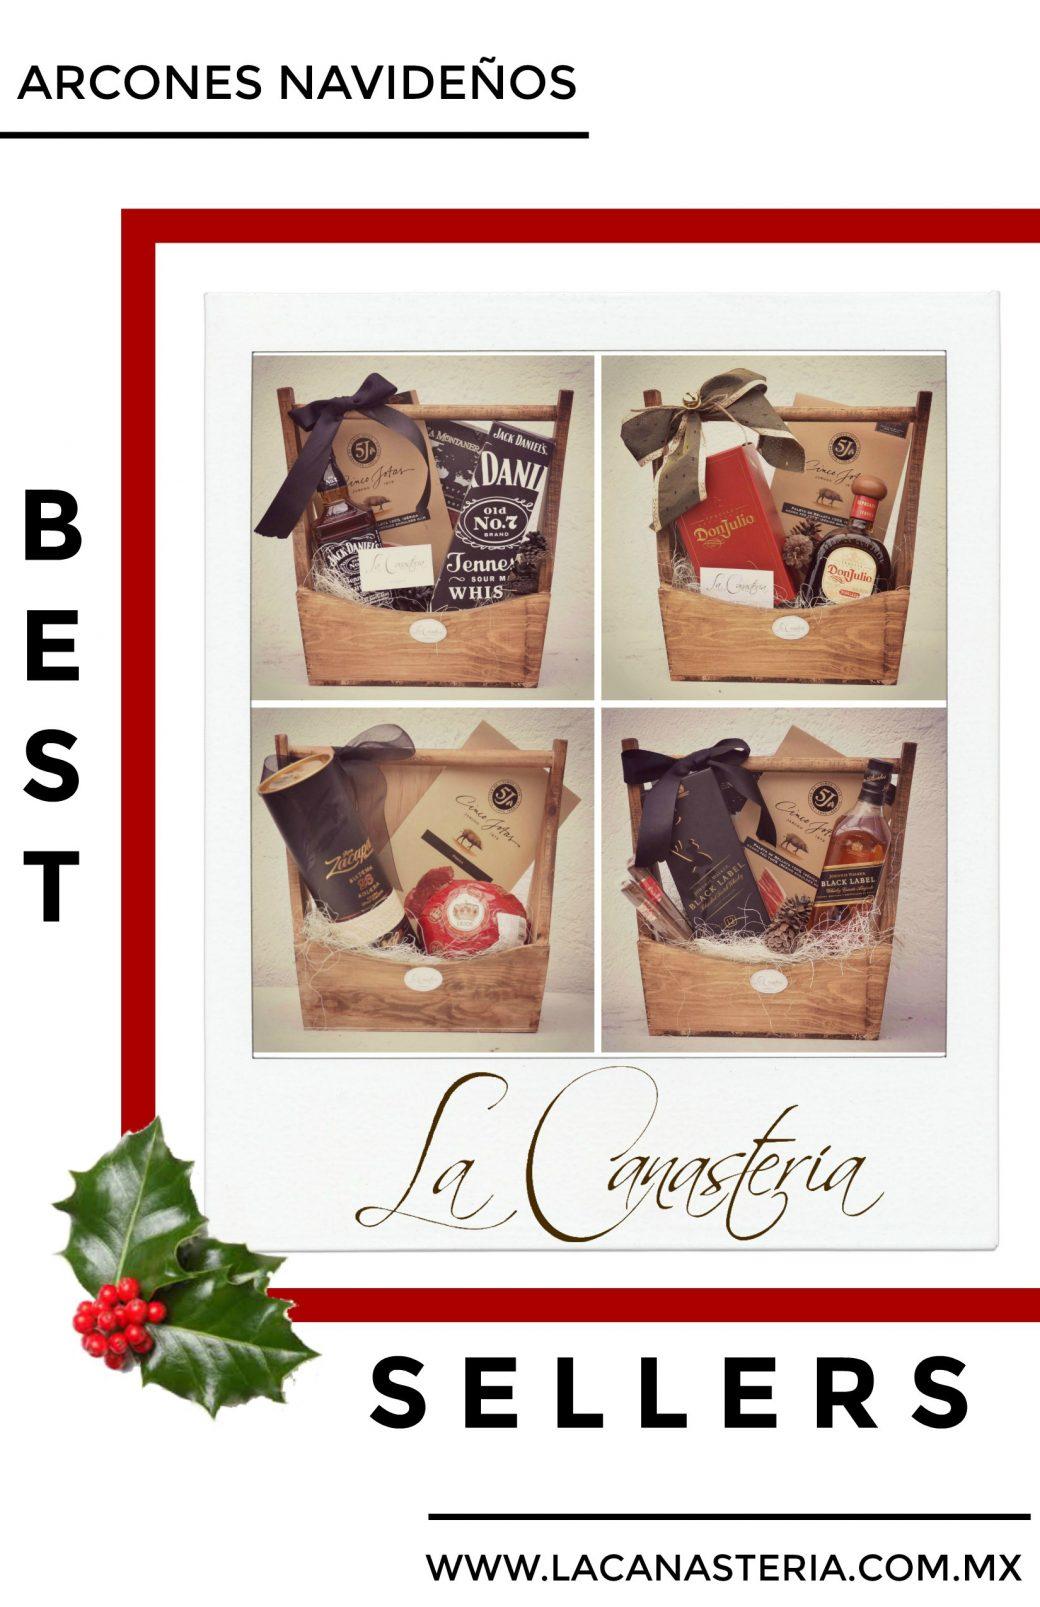 arcones navideños finos, arcones navideños económicos, arcones navideños 2019, arcones navideños cdmx, arcones navideños puebla